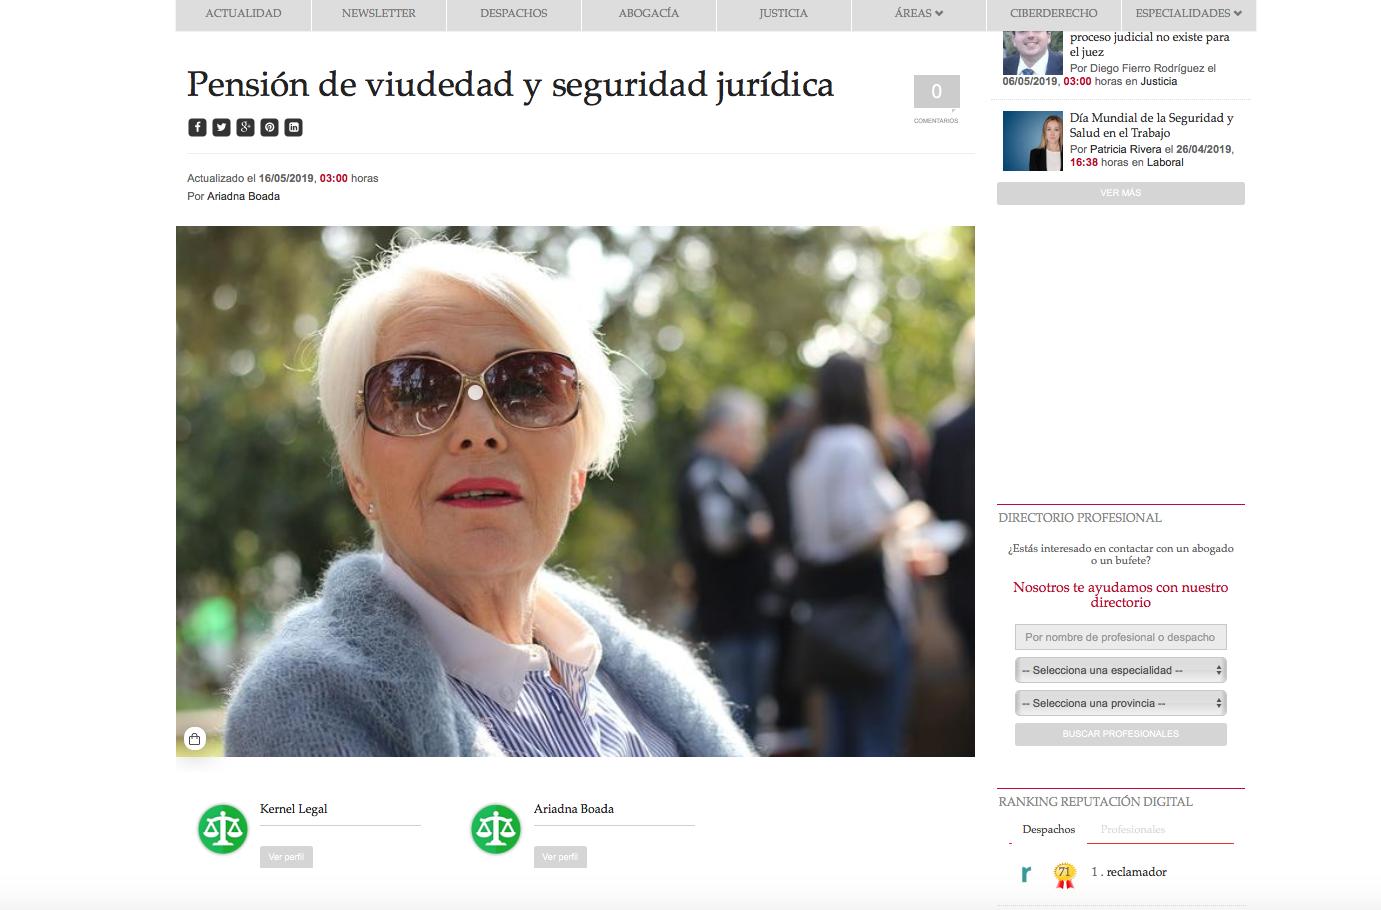 ariadna boada pension viudedad law trends